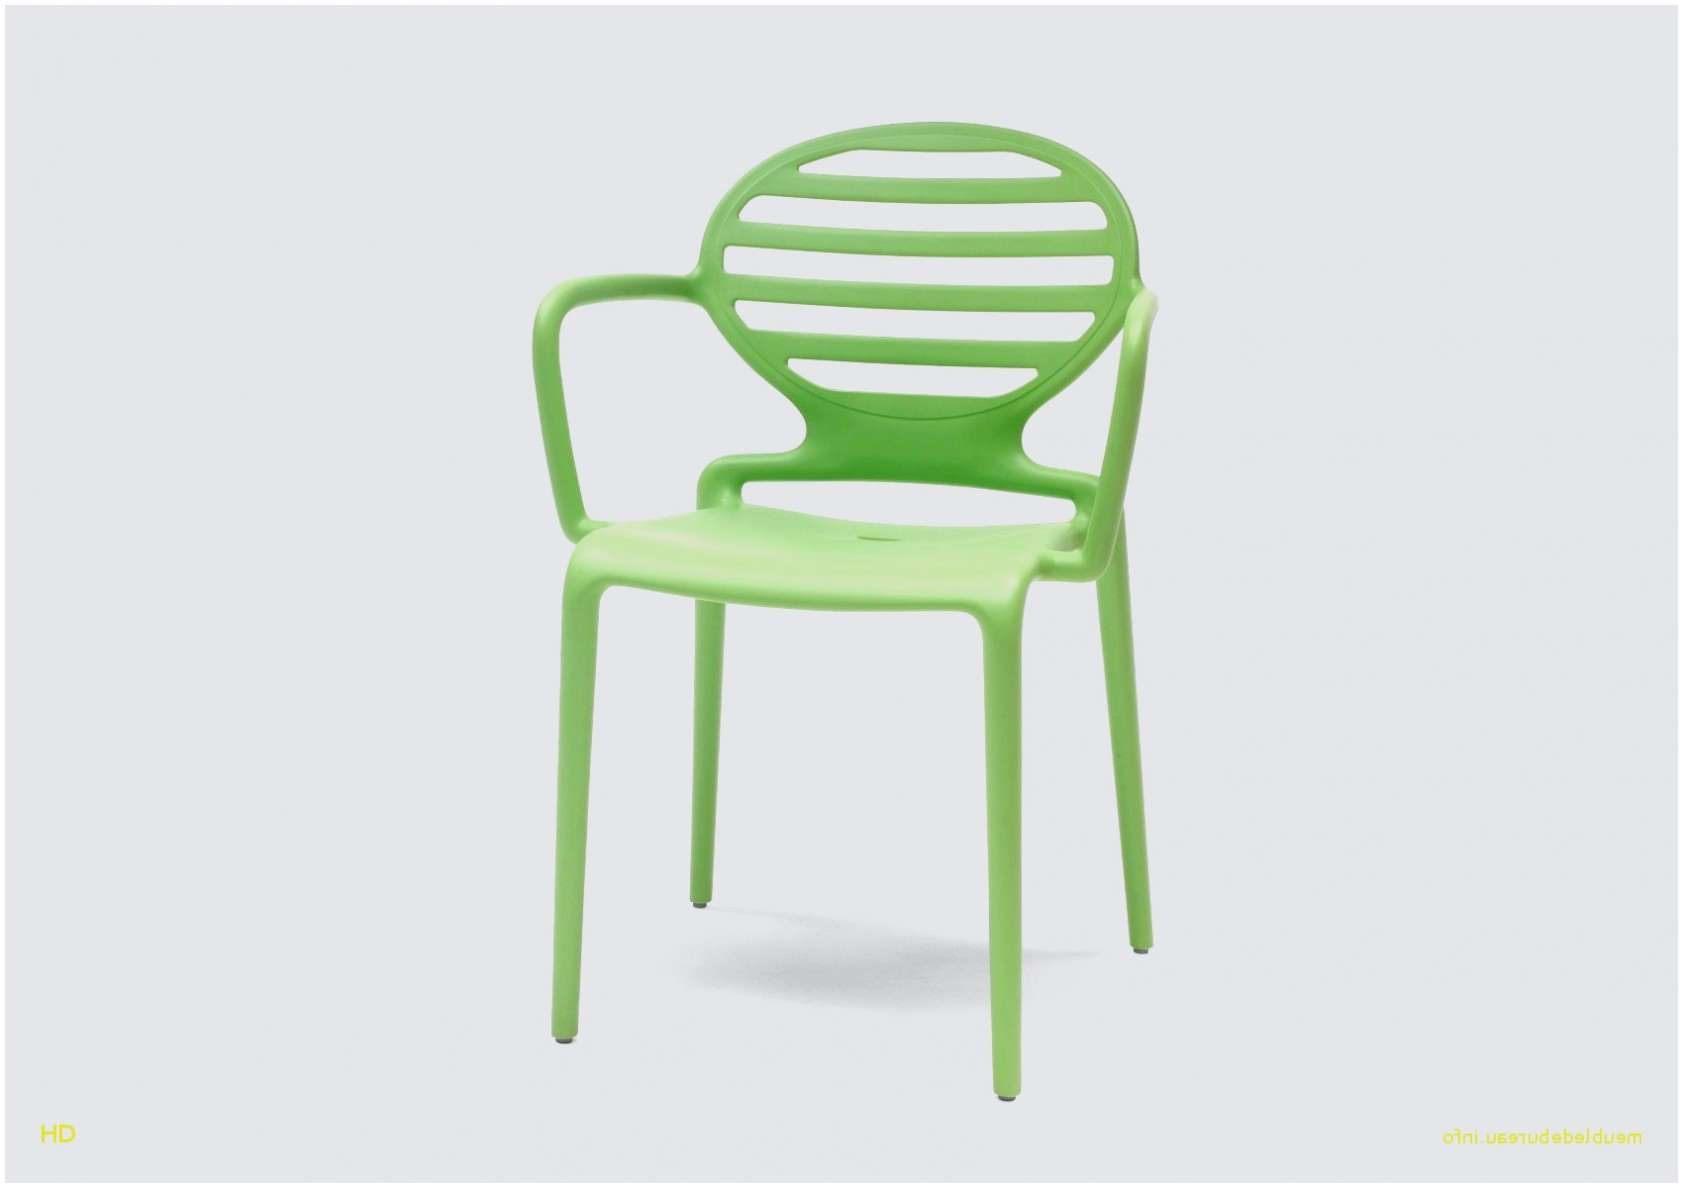 Lit 2 Places Bois Agréable Luxe Extraordinaire Bureau Angle Ikea but Trendy New Study Reveals